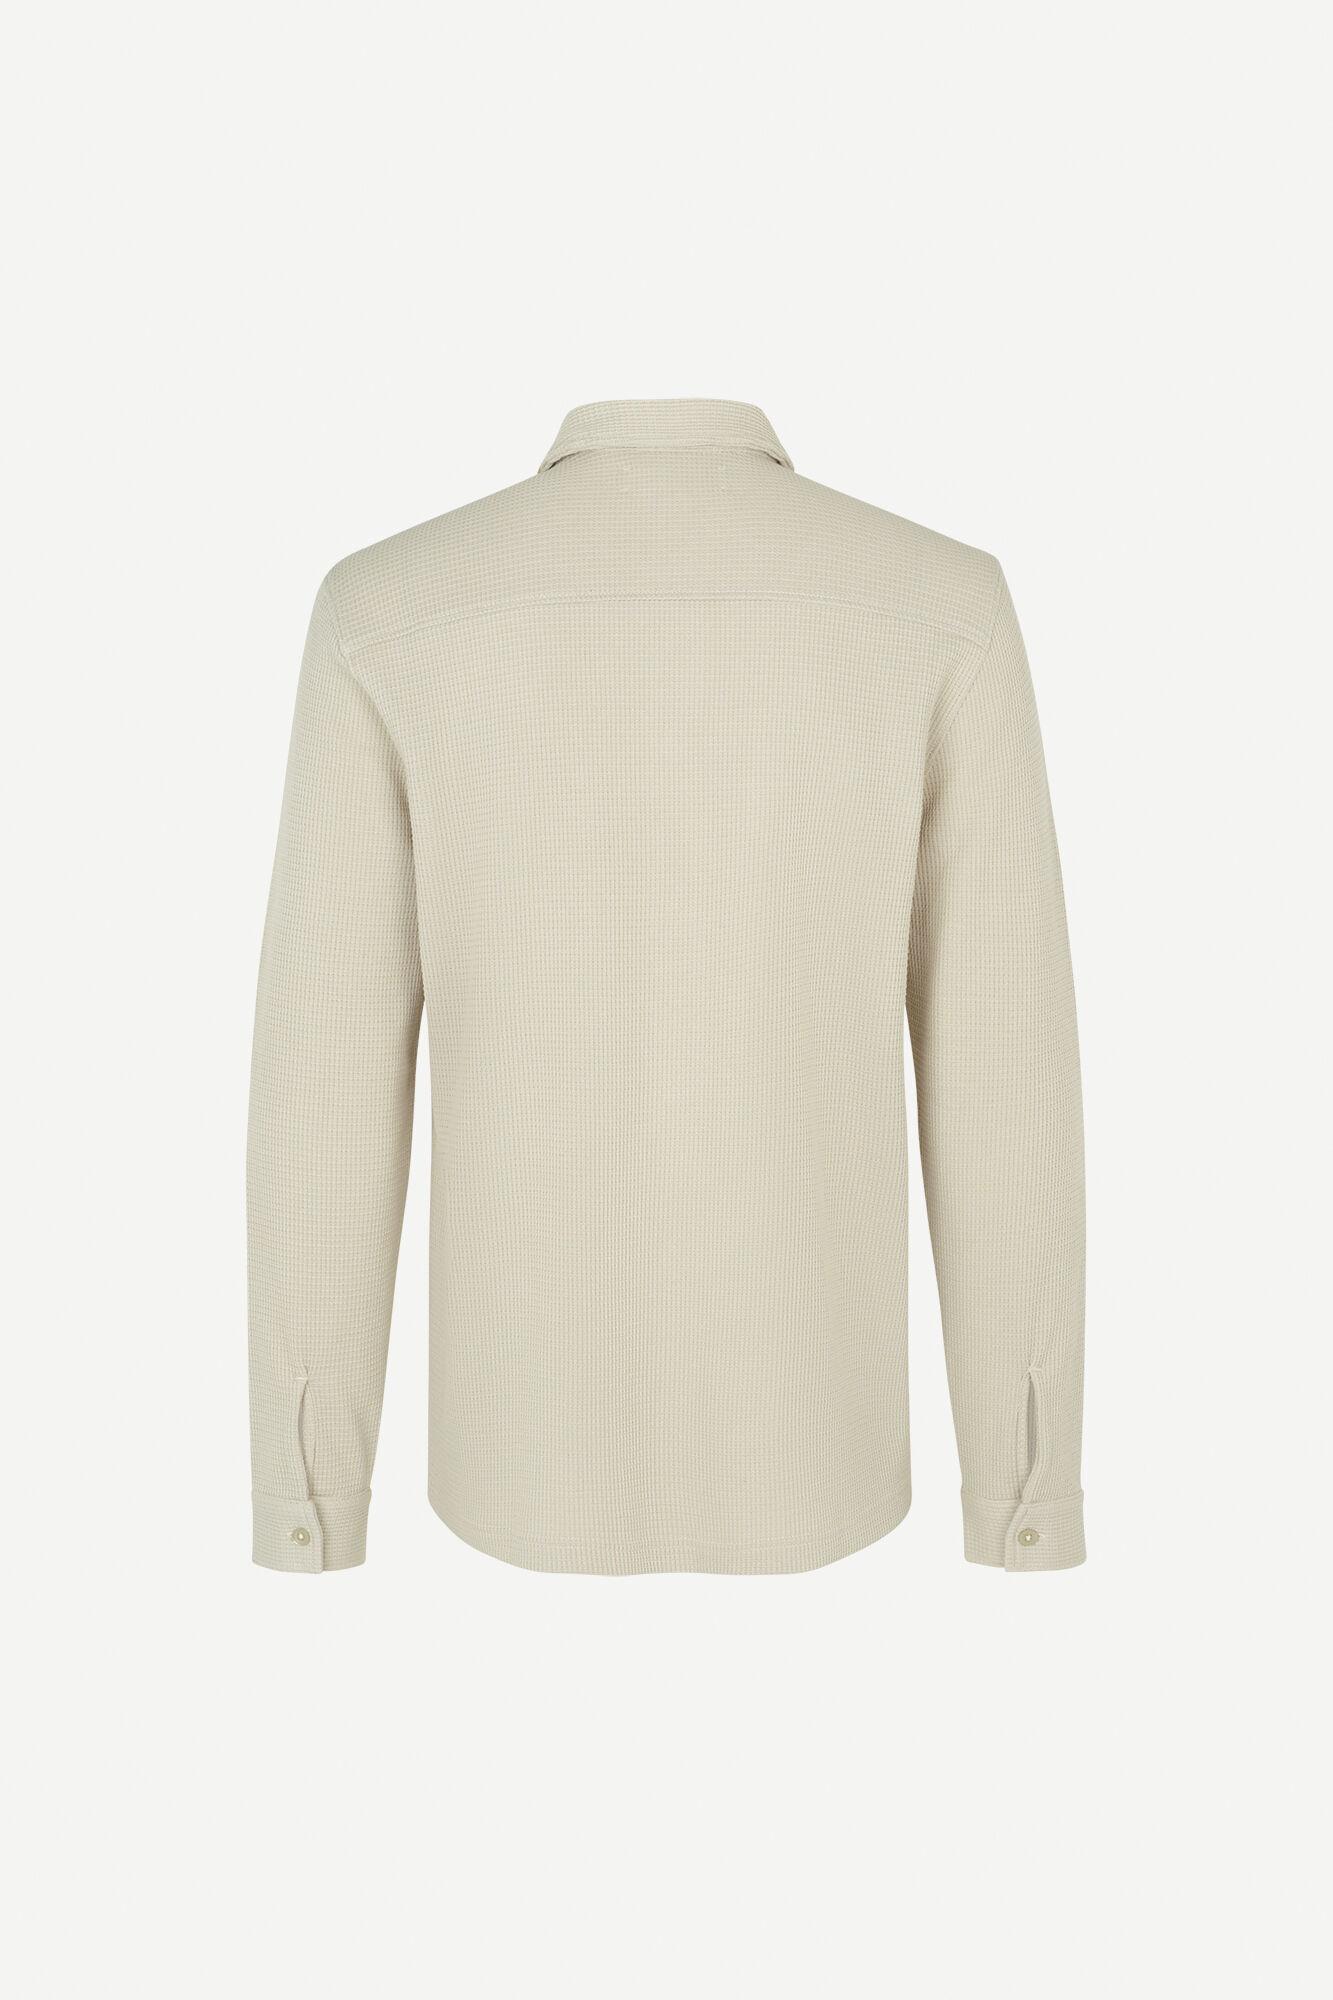 Dayo Woven Shirt Overcast 11586-2